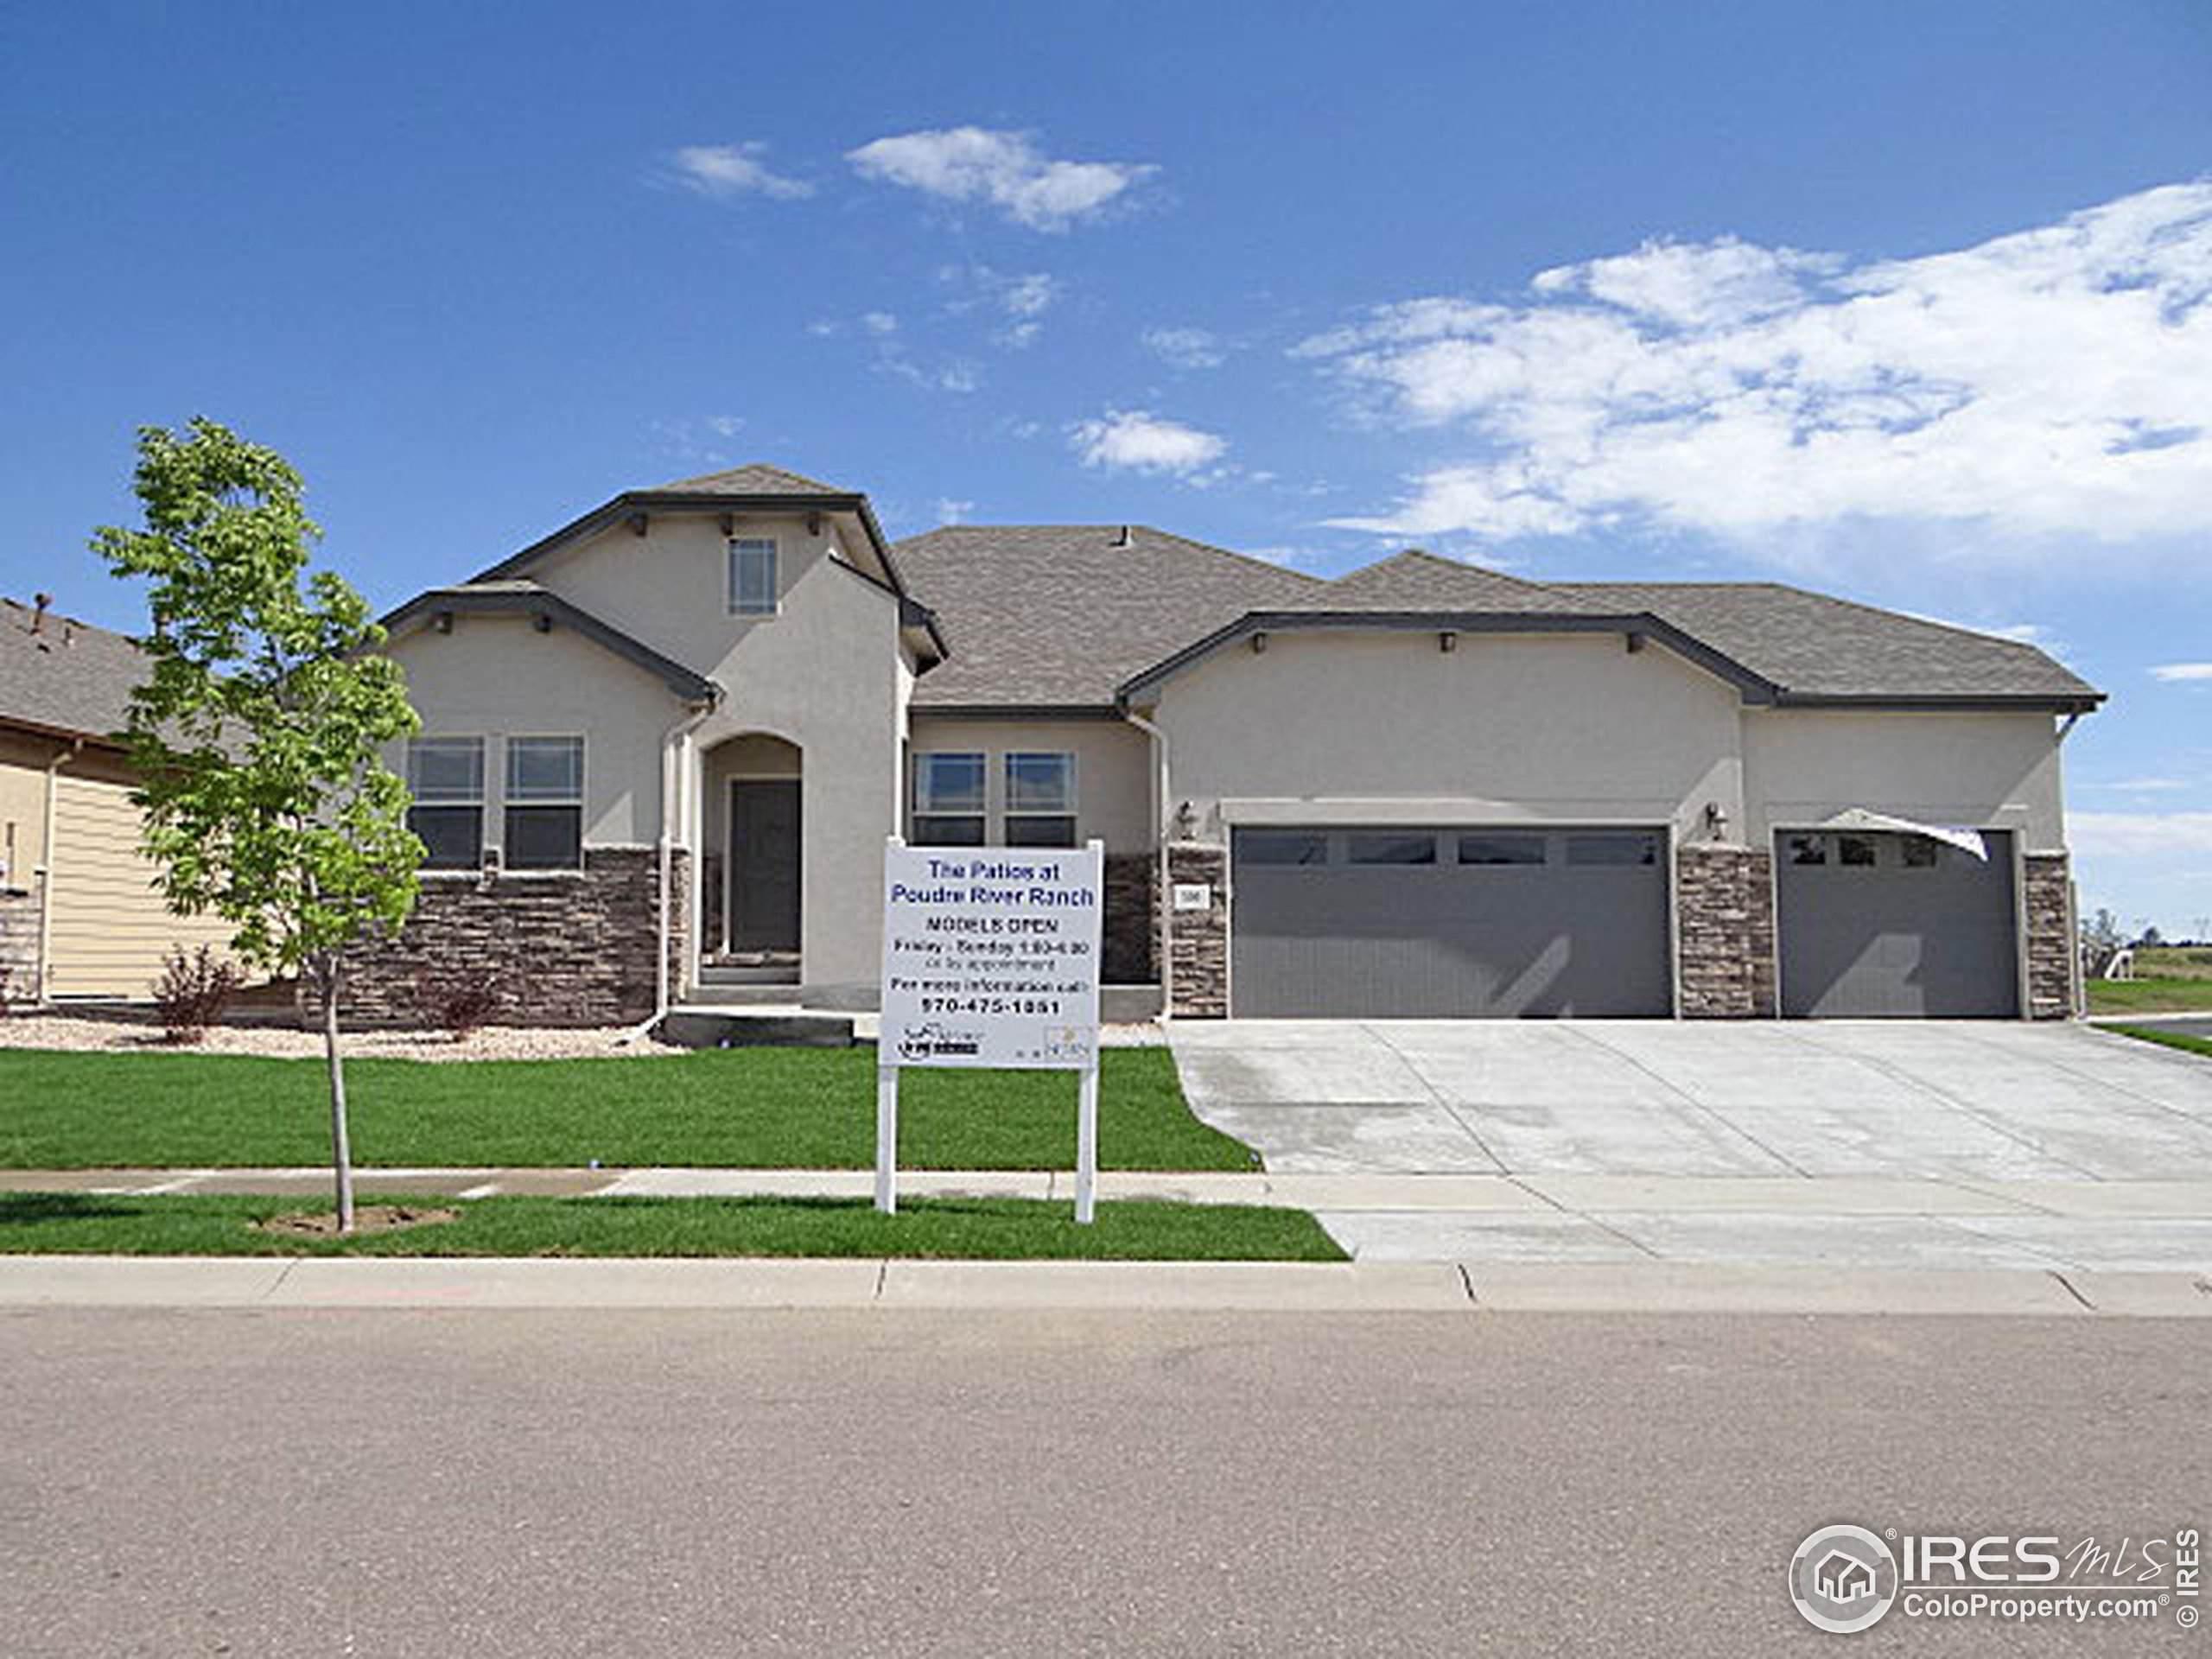 10249 Bluegrass St, Firestone, CO 80504 (MLS #941742) :: 8z Real Estate